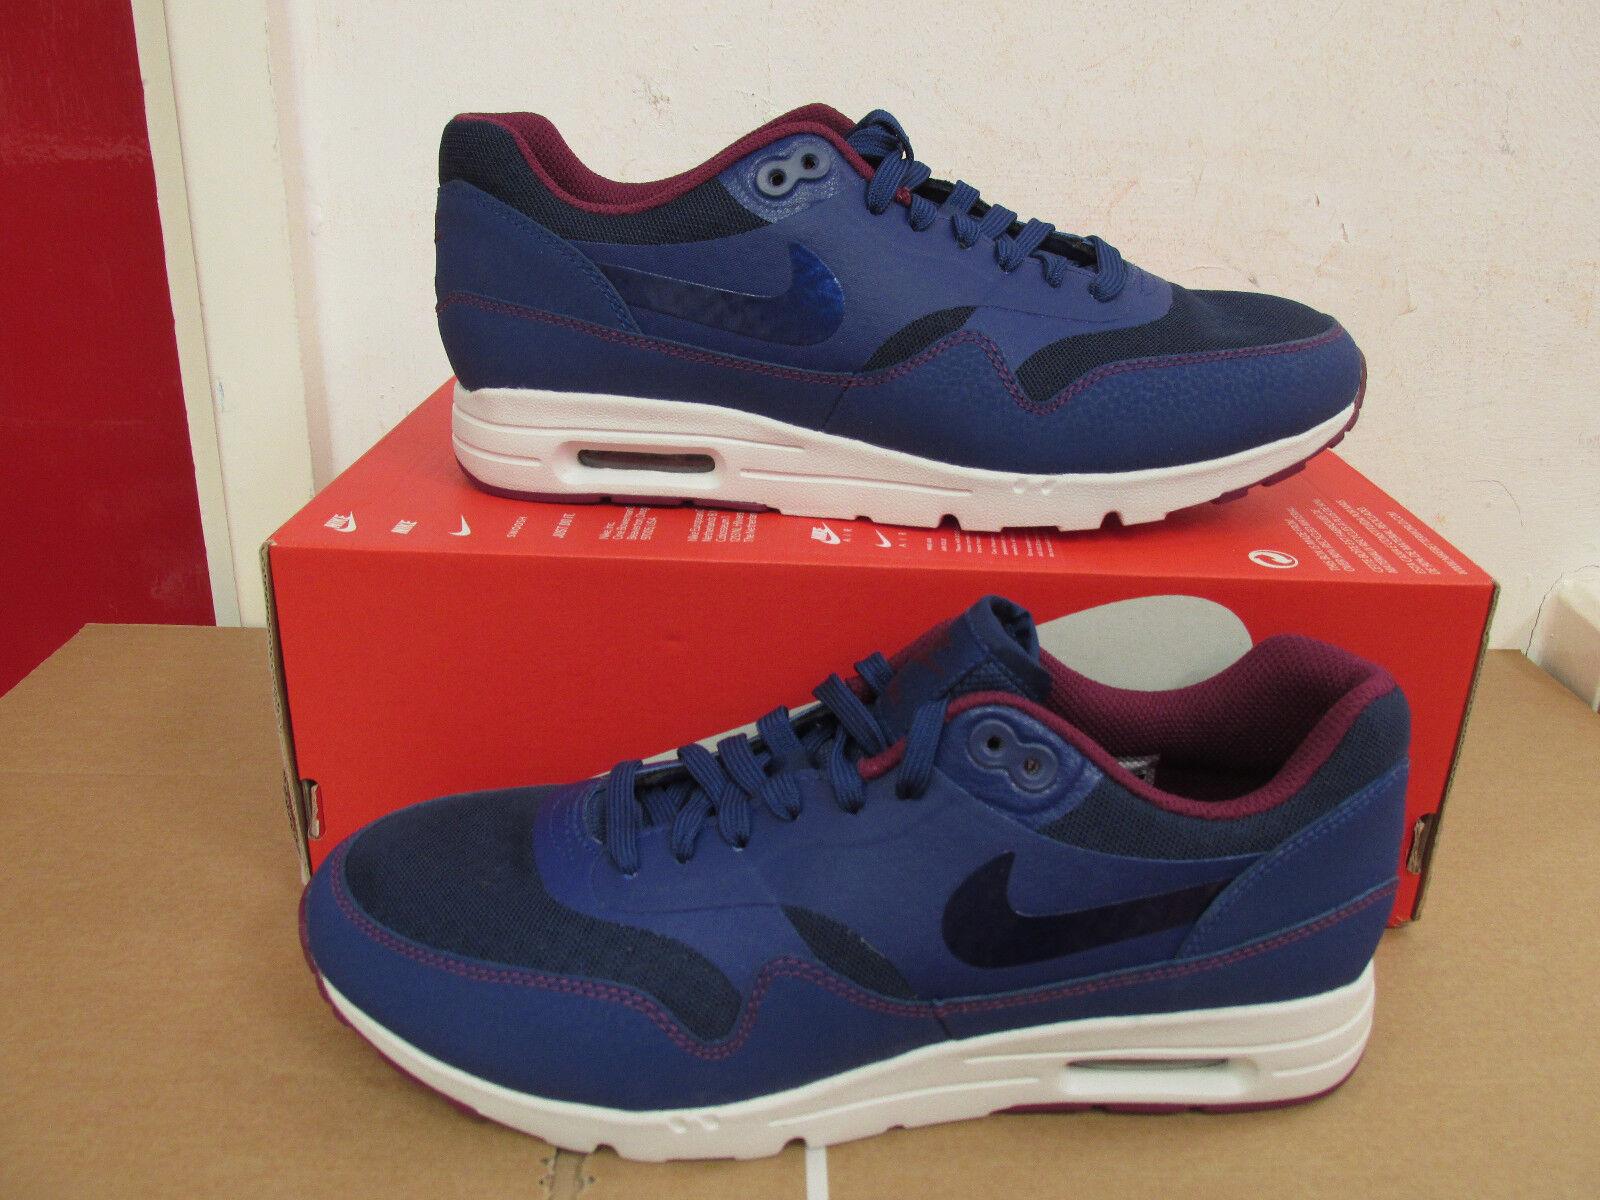 Nike air max 1 donna nike nike nike ultra essenziale 704993 401 scarpe da tennis svendita 7070a9